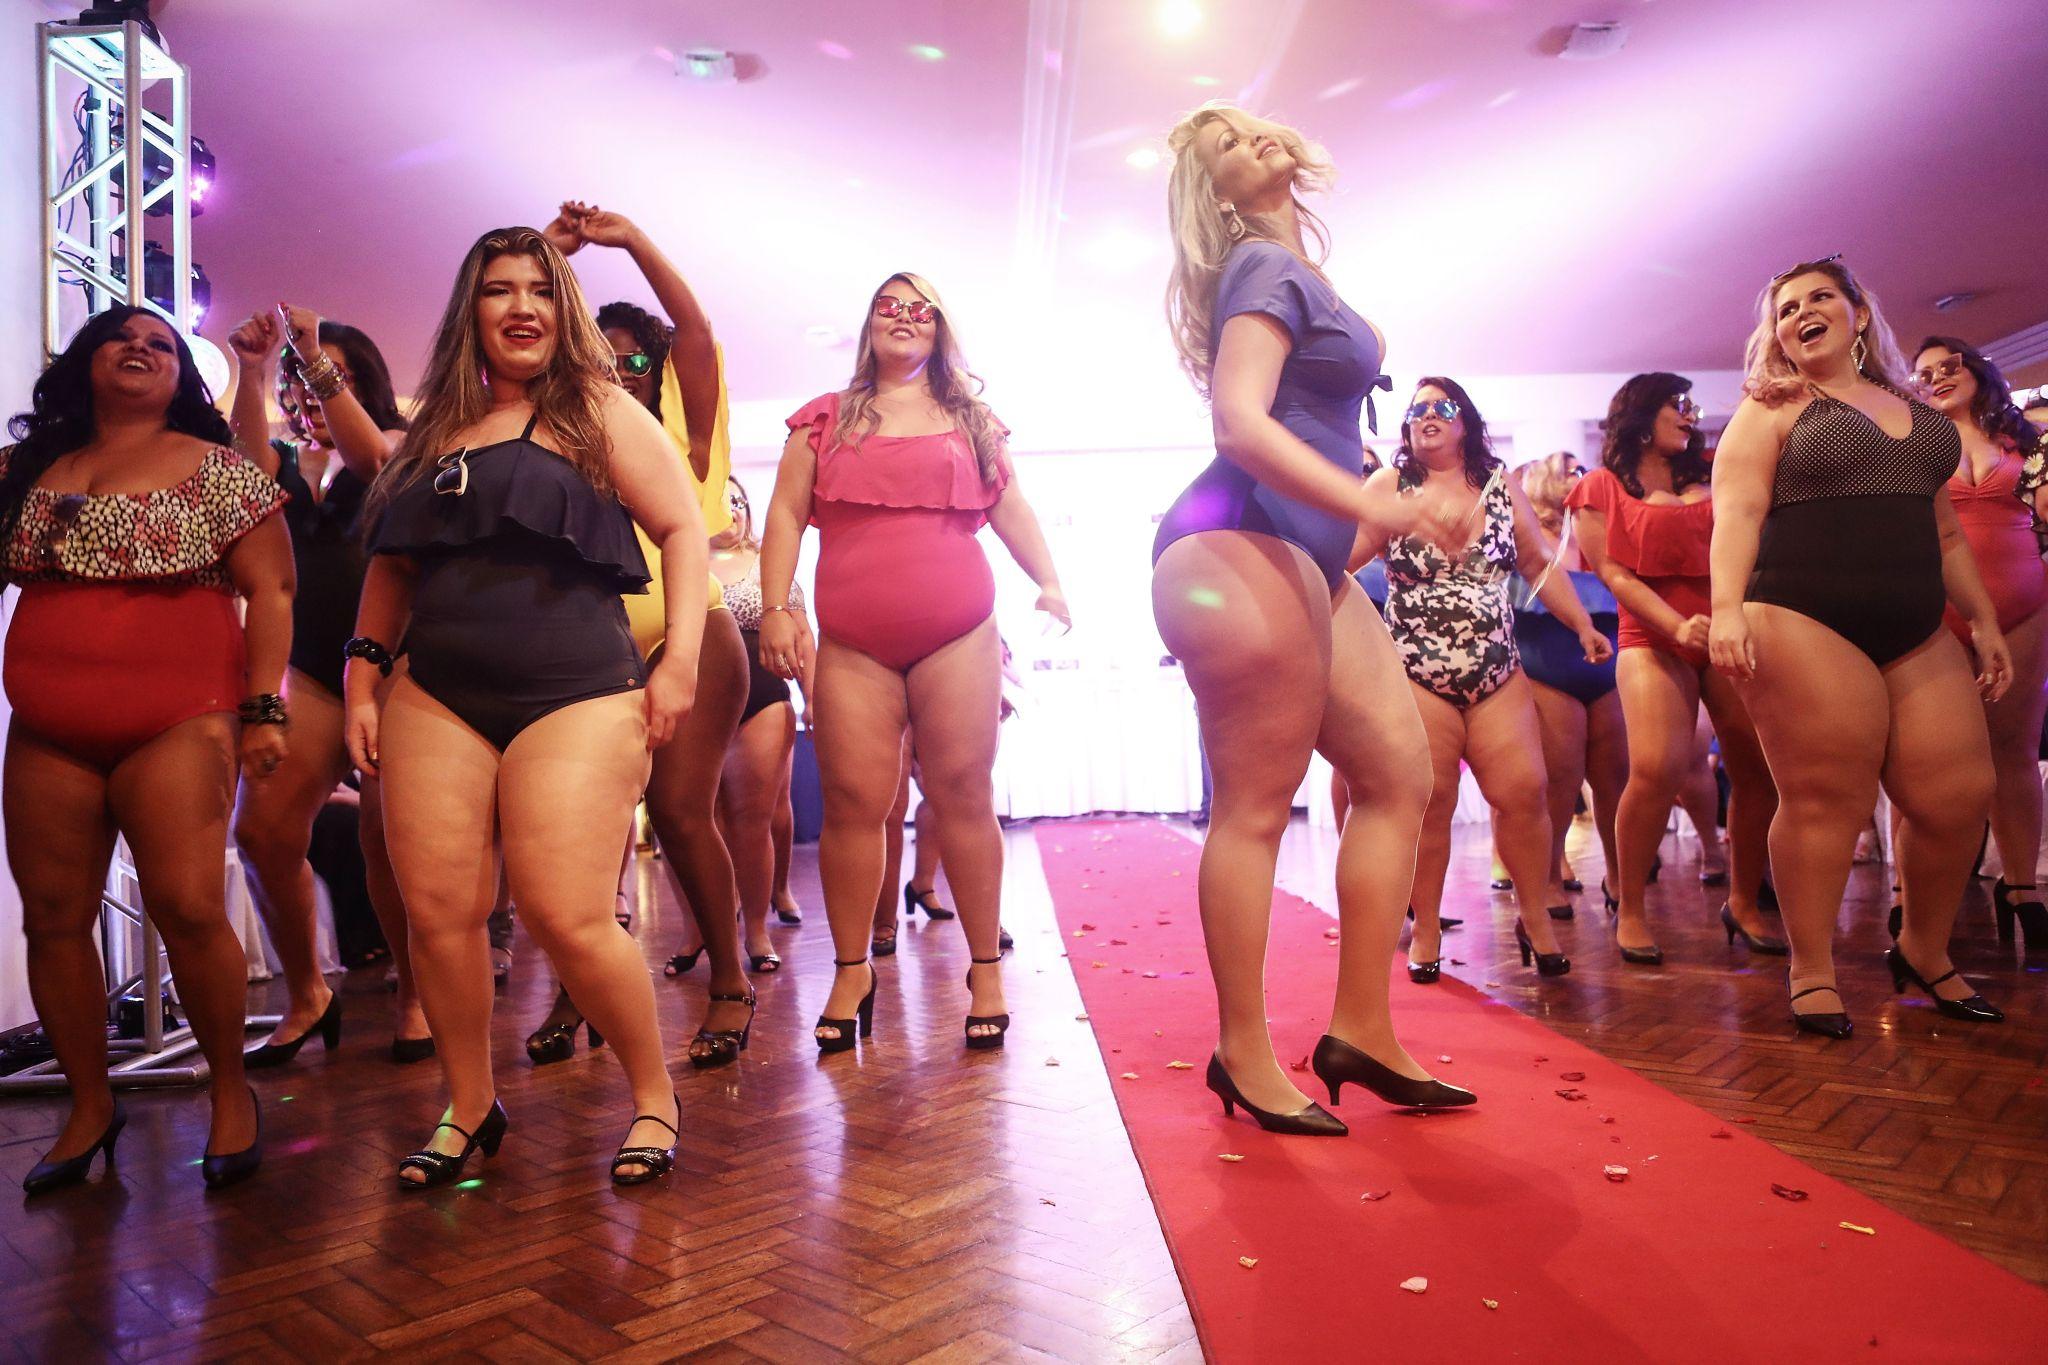 Толстожопые бразильянки фото